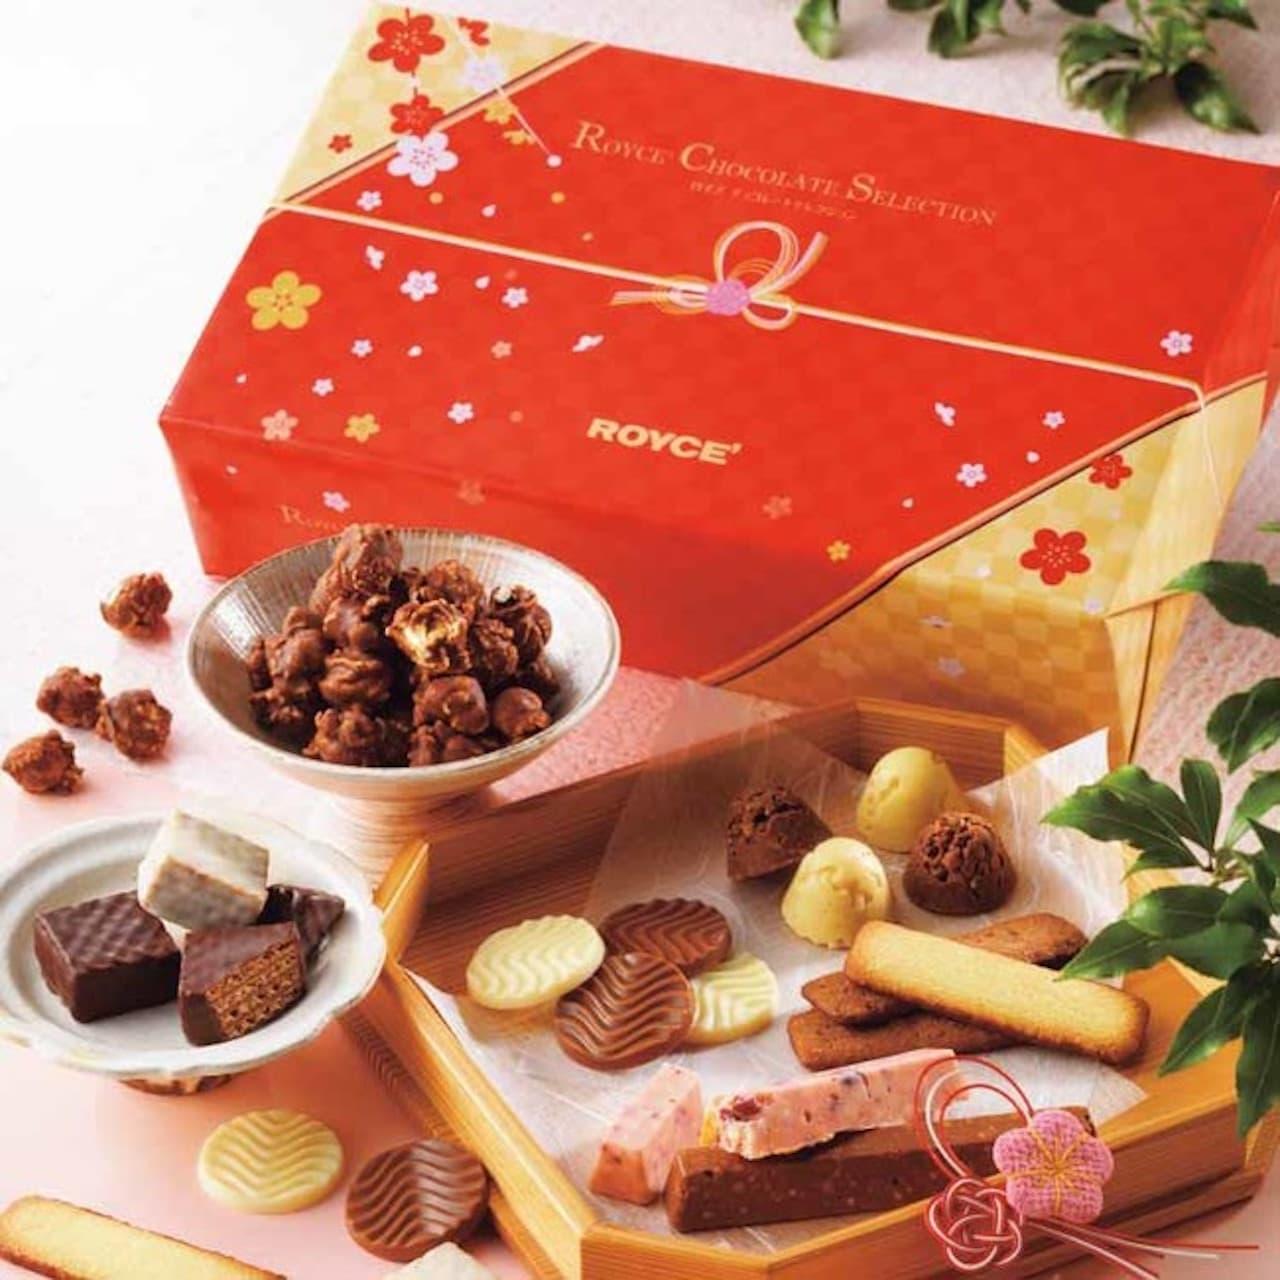 ロイズ「 チョコレートセレクション[迎春]」